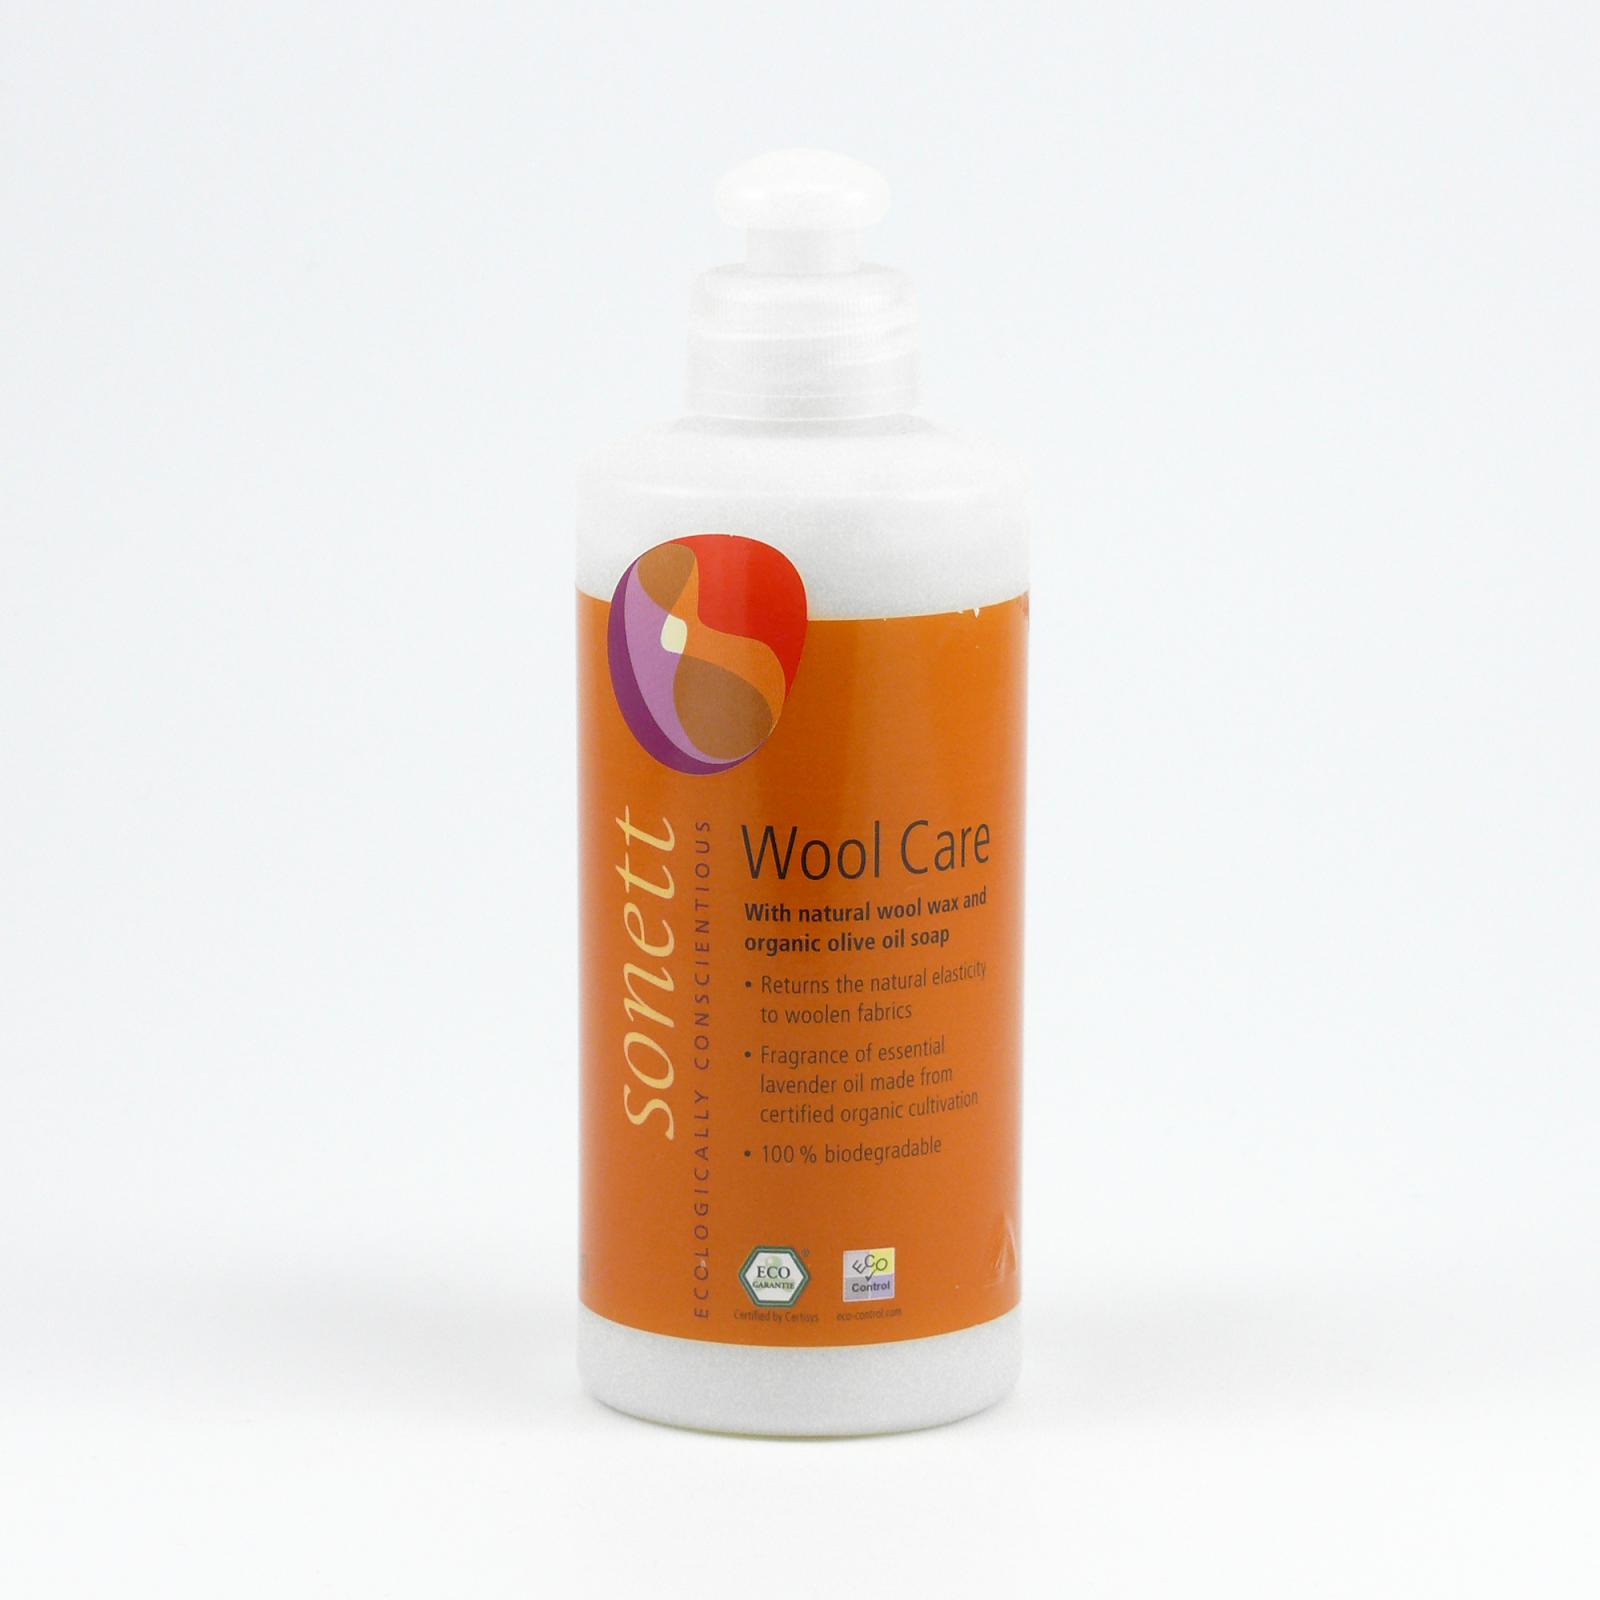 Sonett Prostředek na odstranění skvrn na vlně Wool Care 300 ml